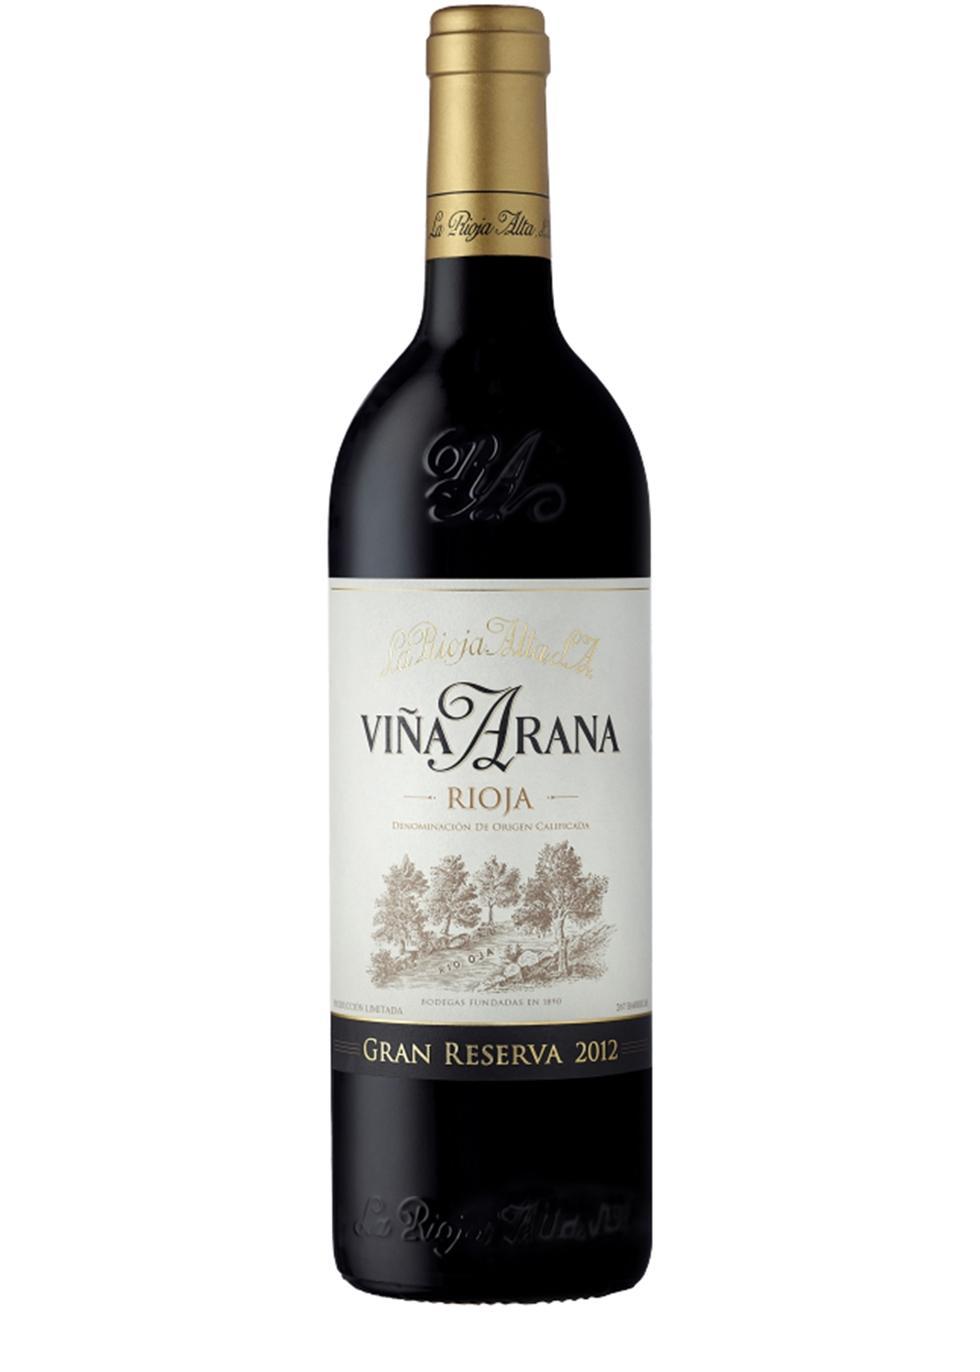 Viña Arana Rioja Gran Reserva 2012